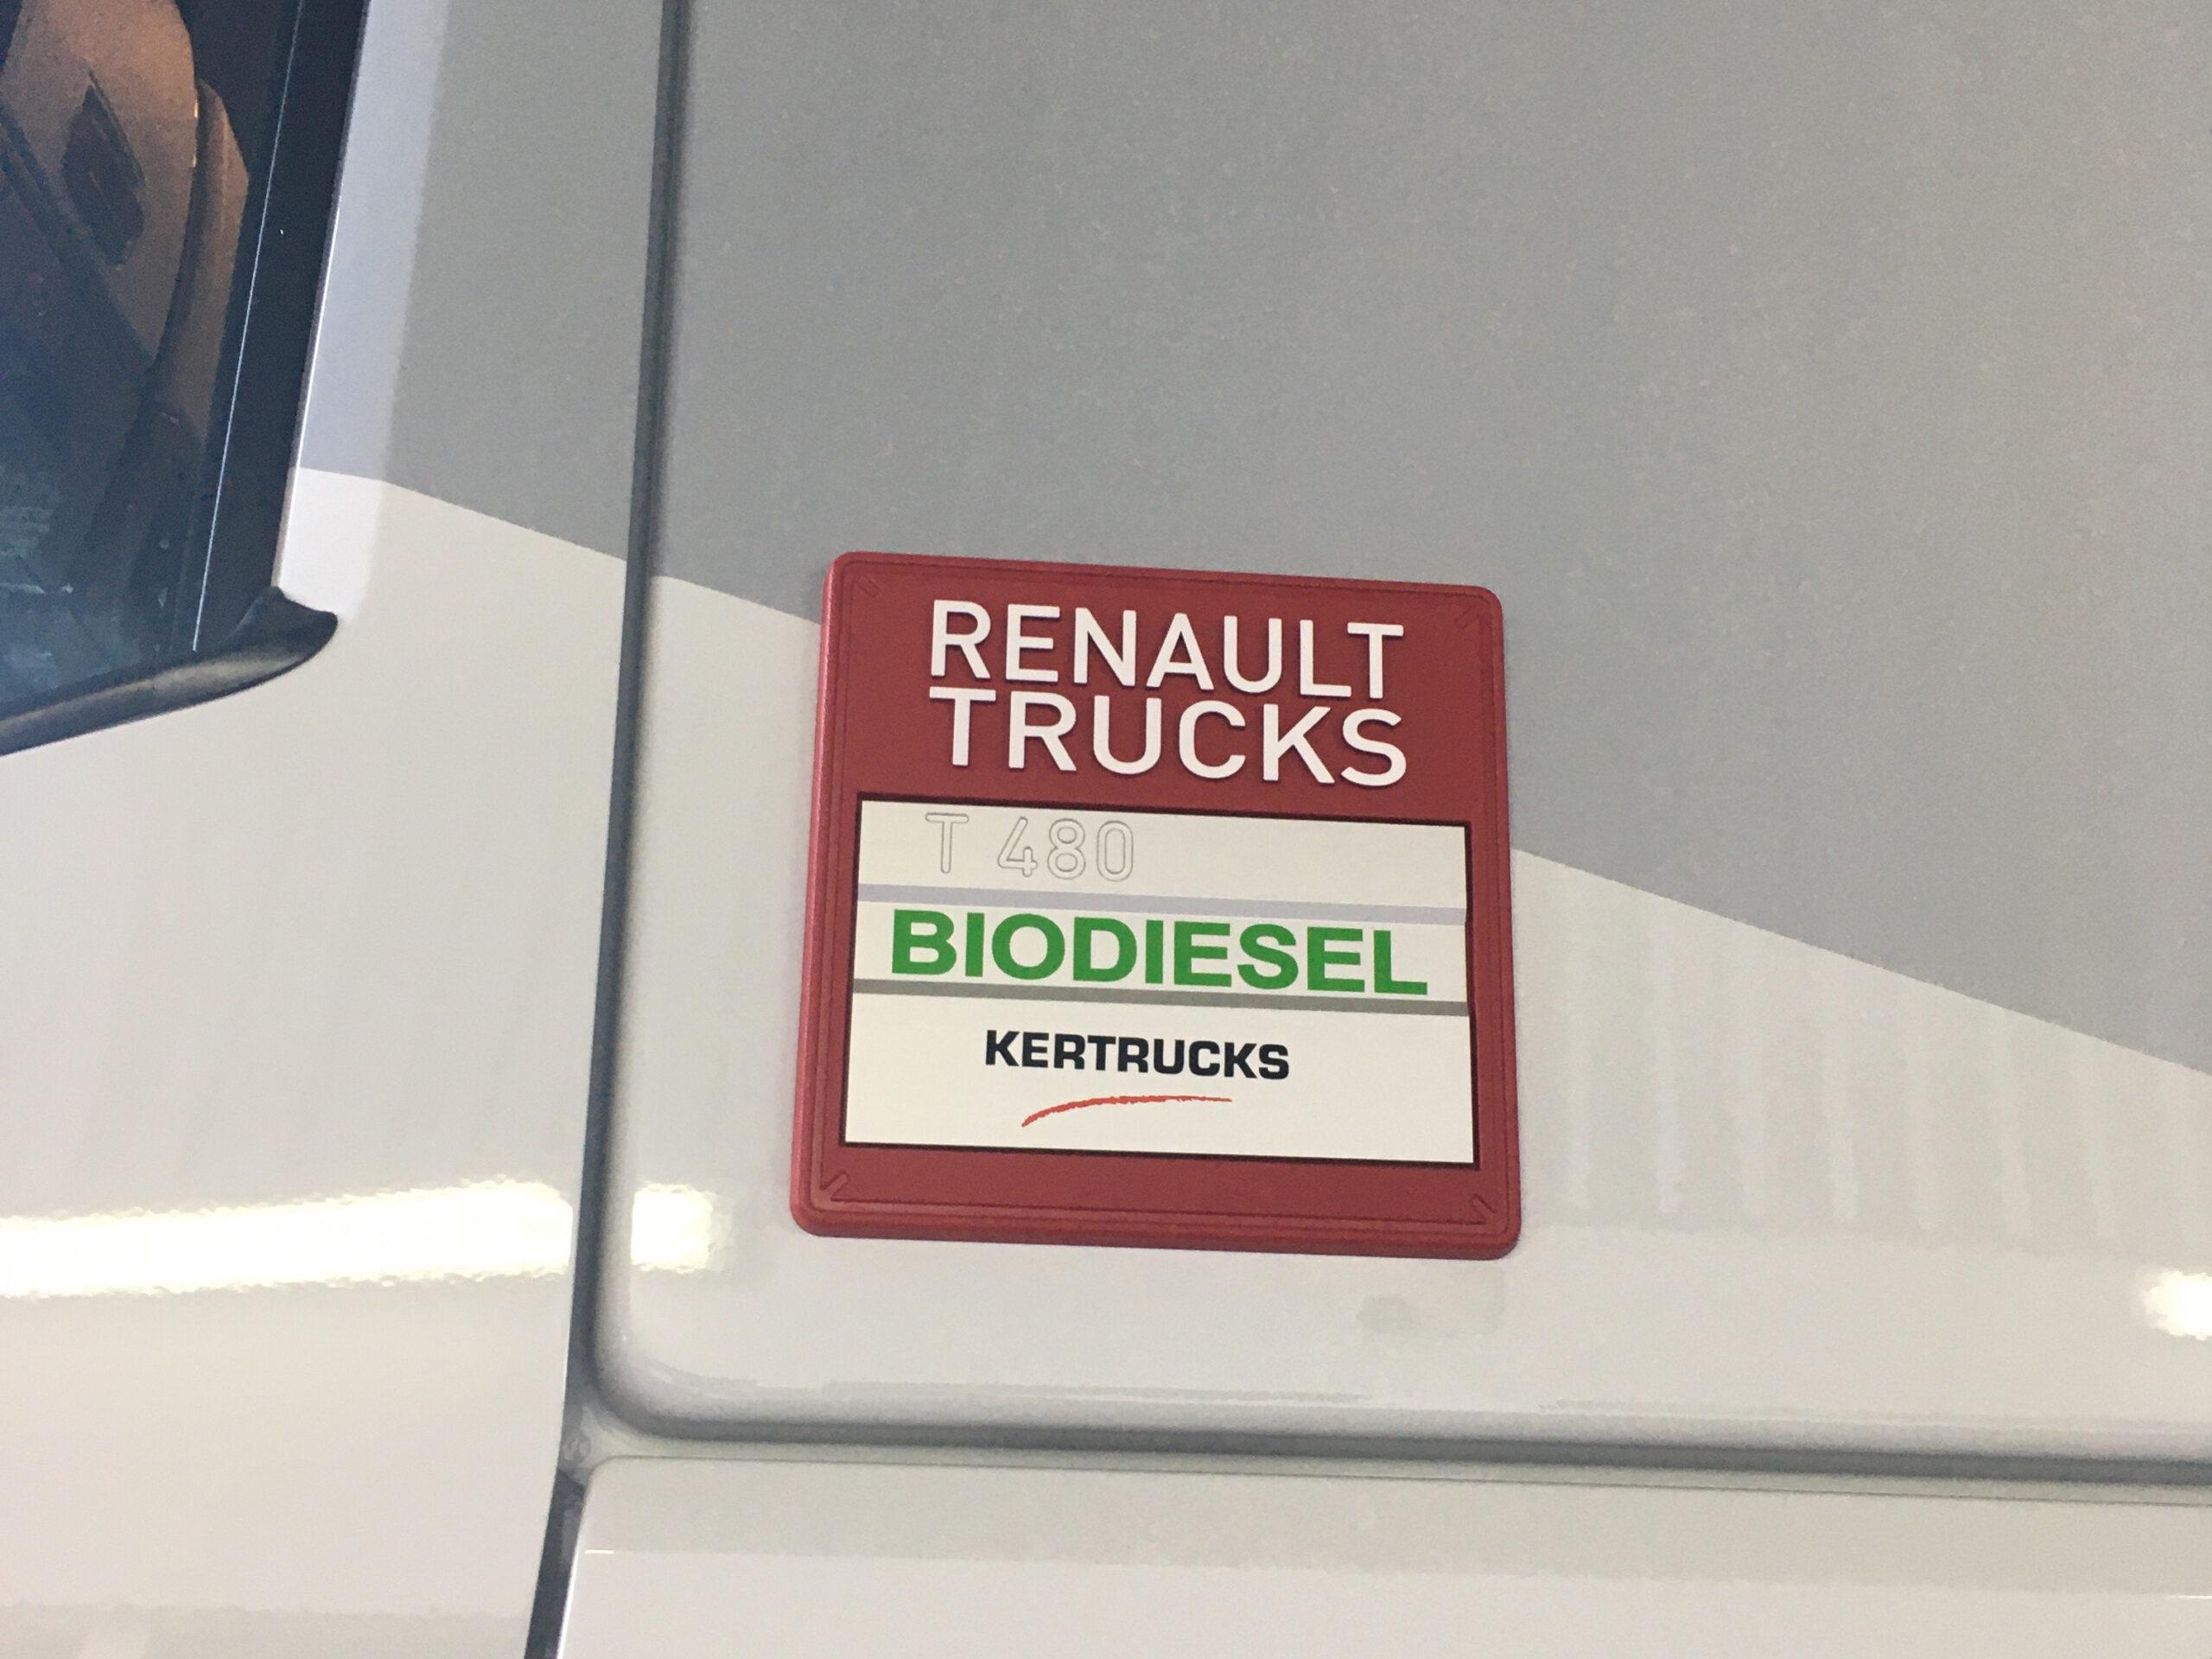 DELANCHY intègre le carburant B100 dans sa flotte de près de 1000 véhicules